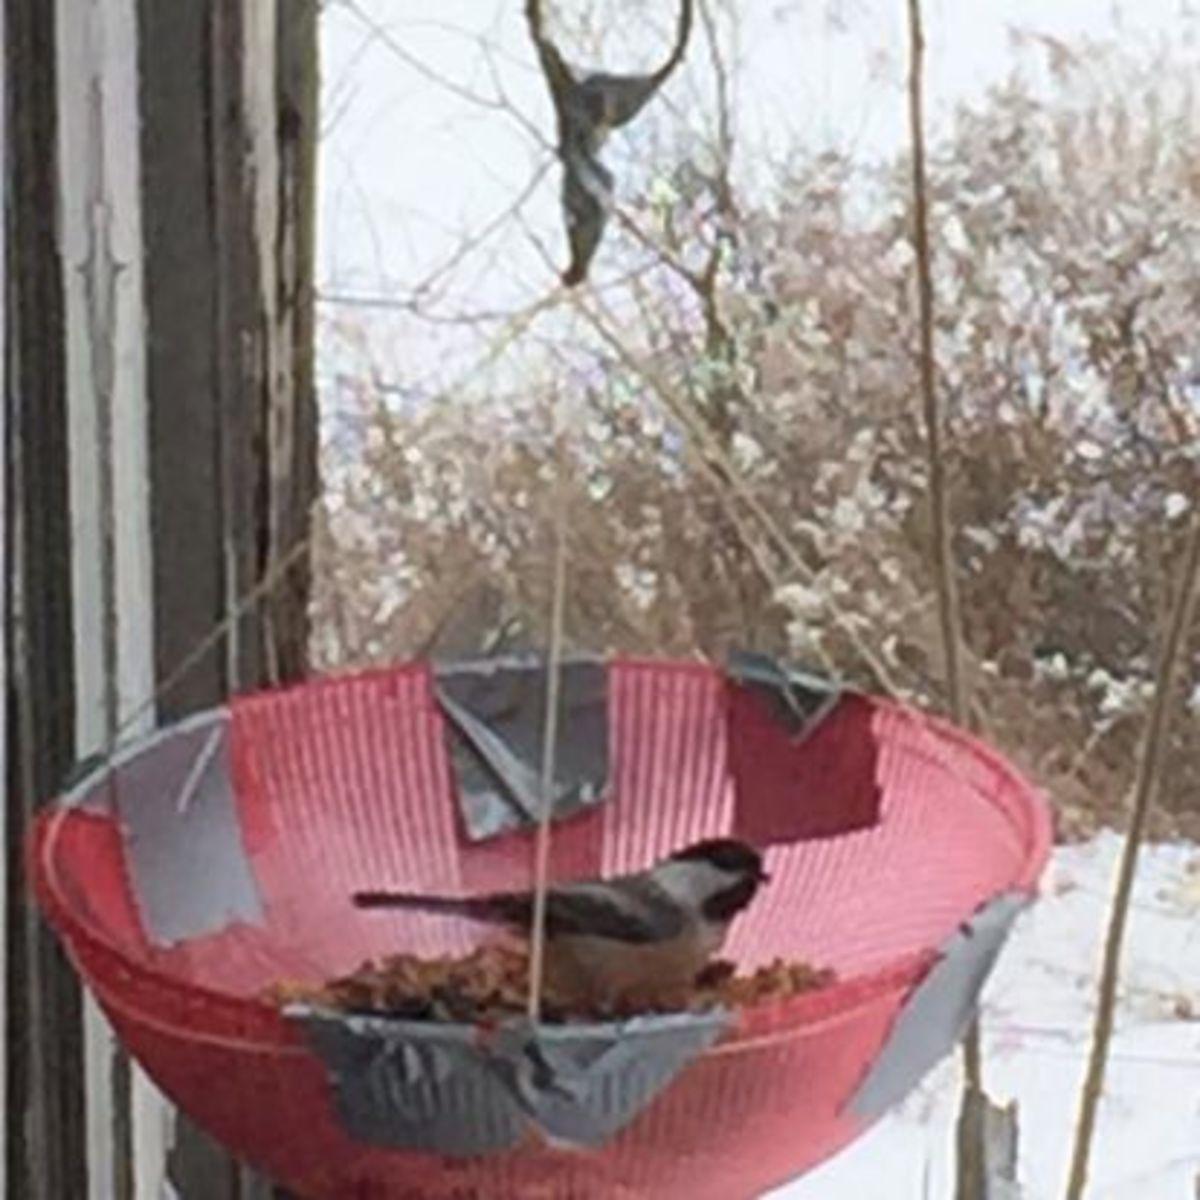 Chip Bowl Birdfeeder